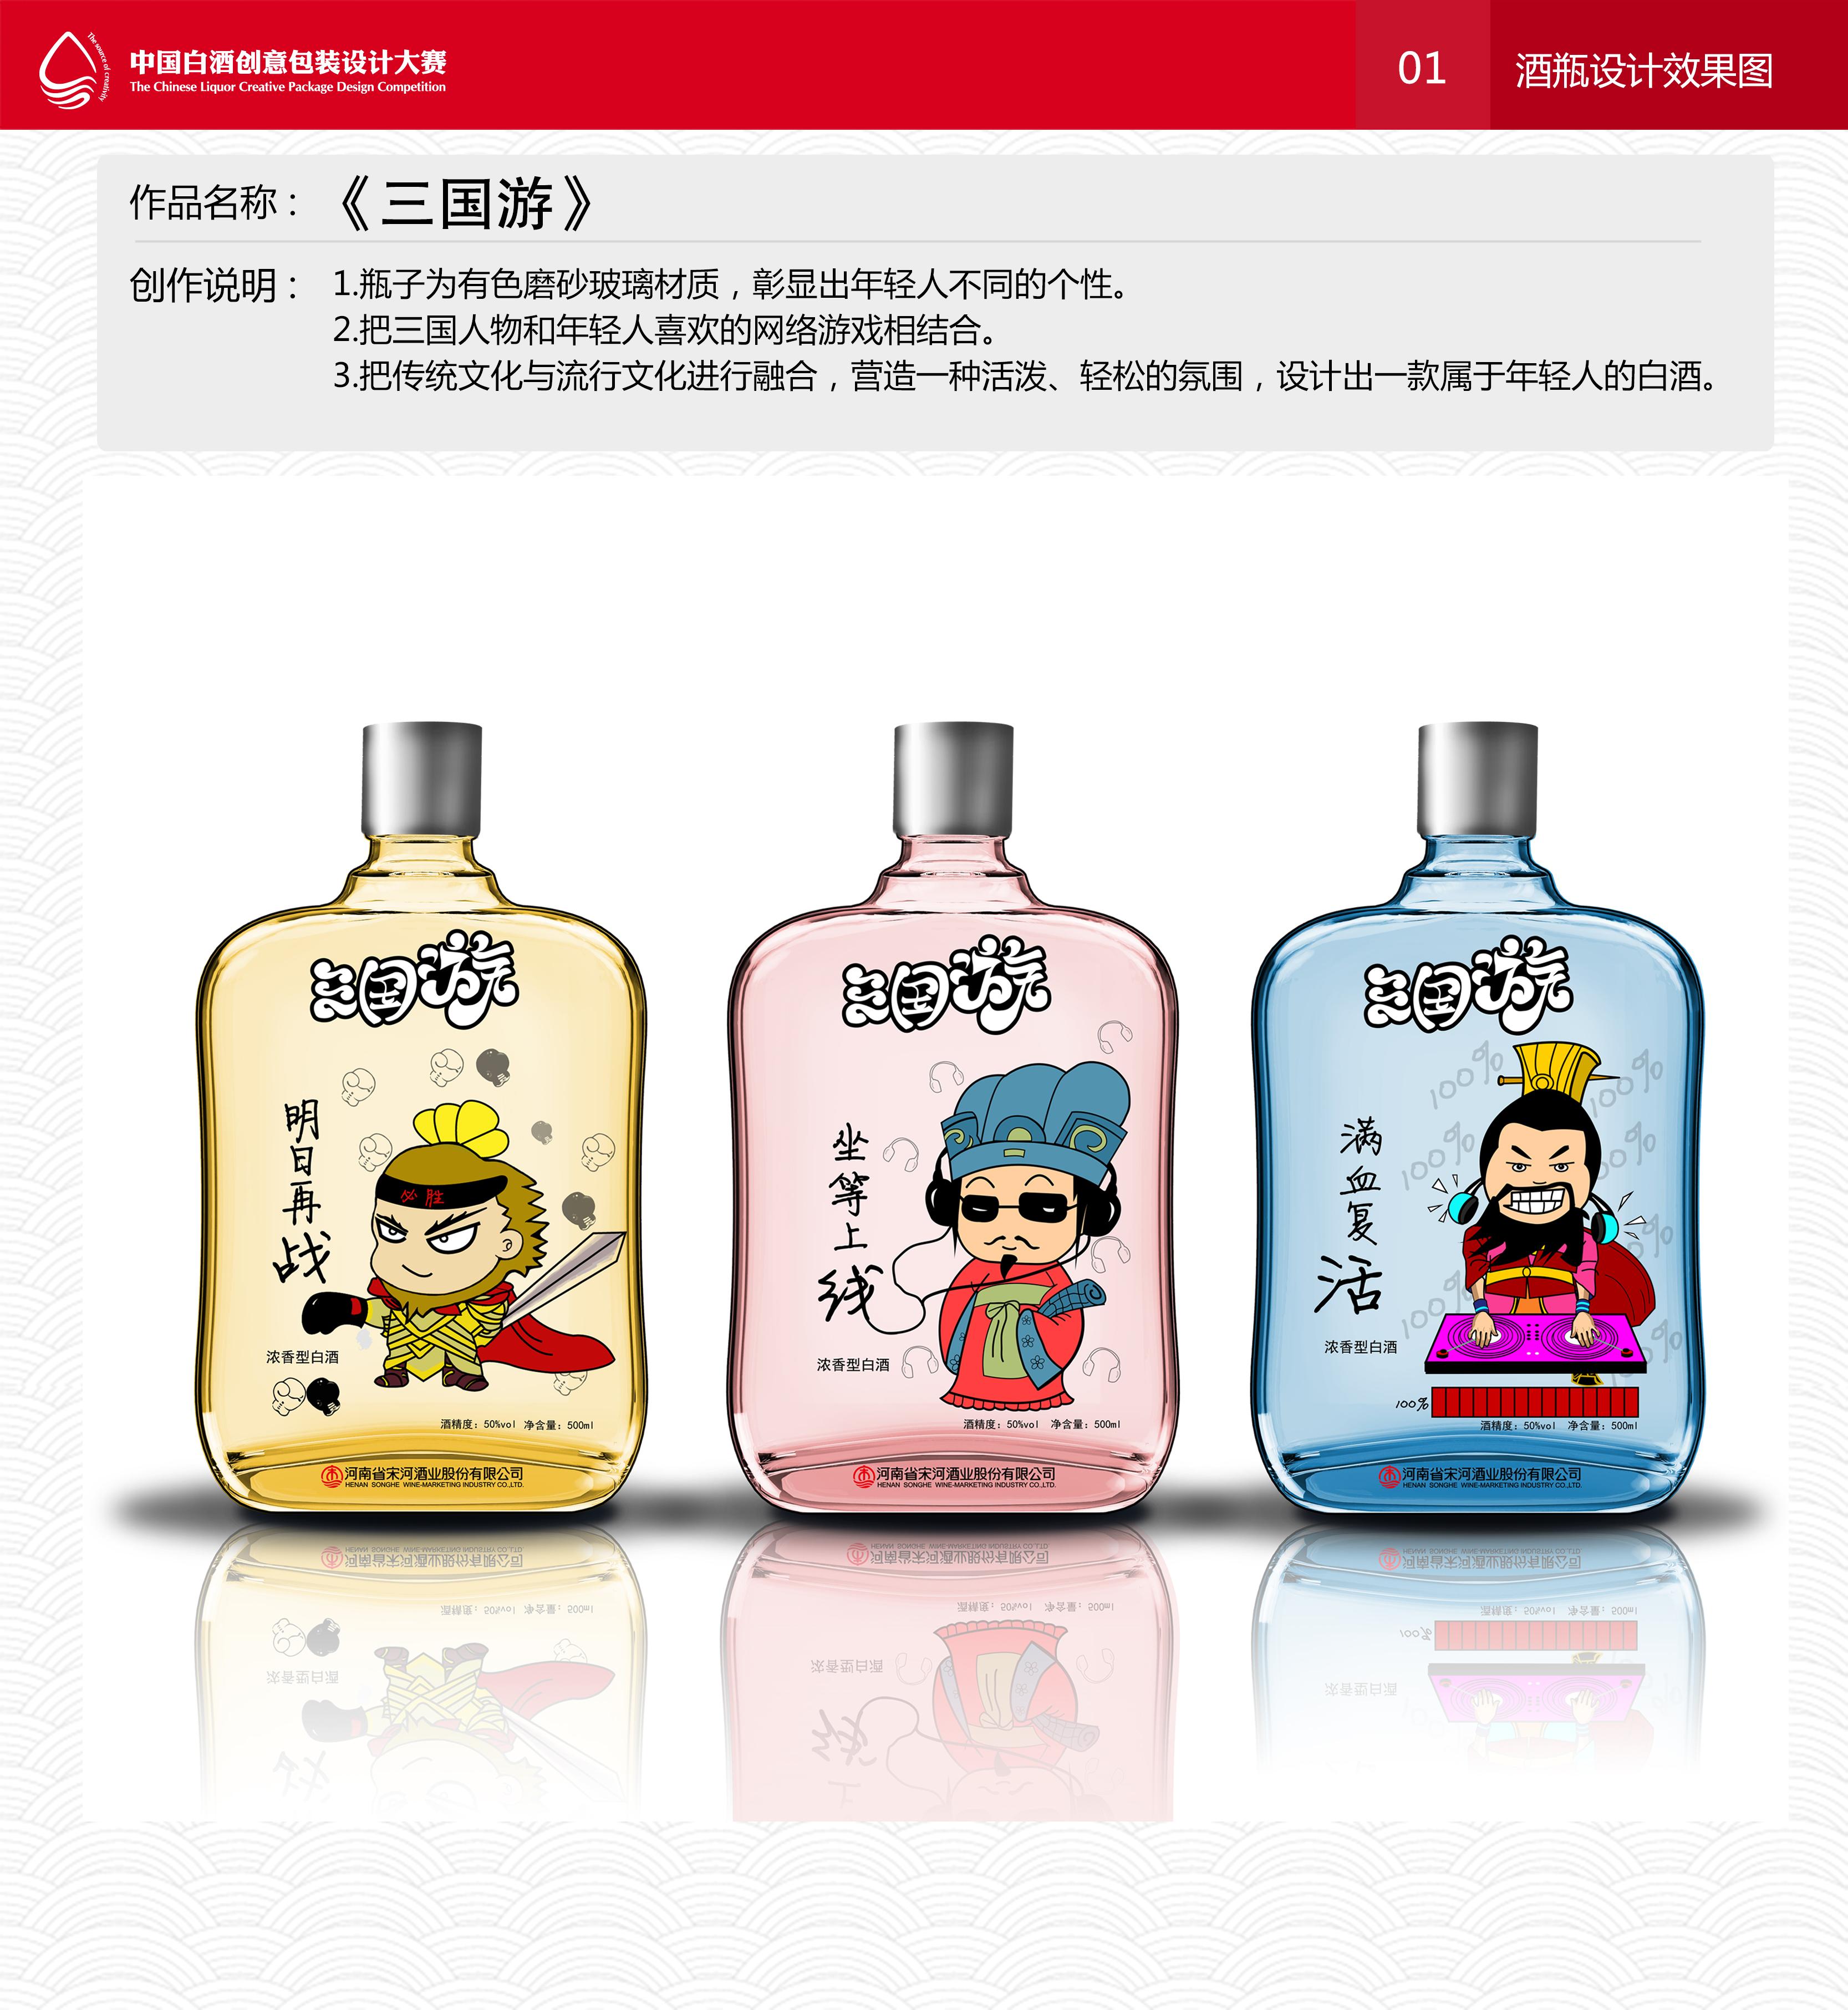 三国游>-参加第二届中国酒水创意包装设计大赛的作品图片